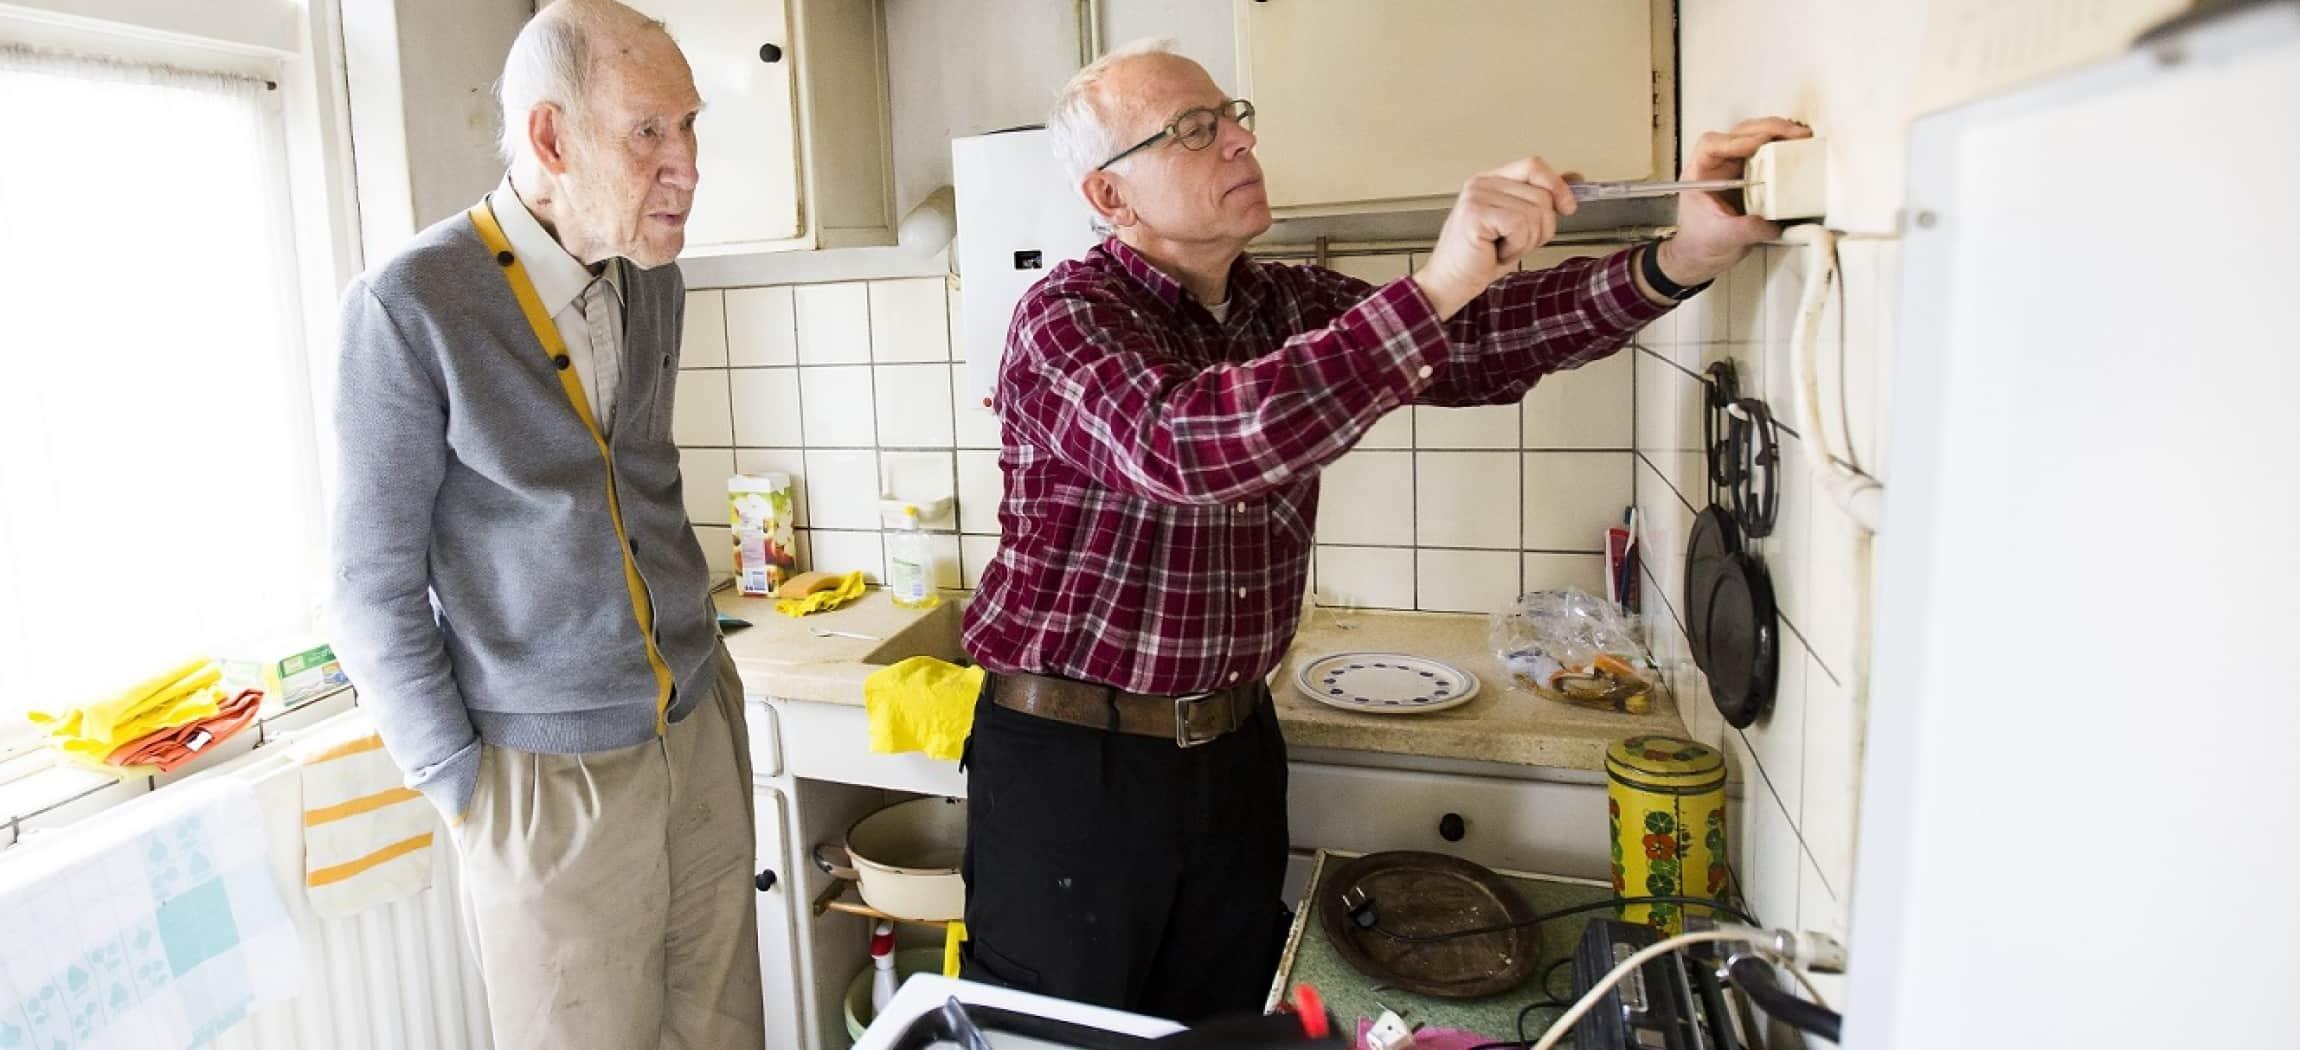 Zeer oude man kijkt hoe andere man een stopcontact repareert met schroevendraaier in oude keuken